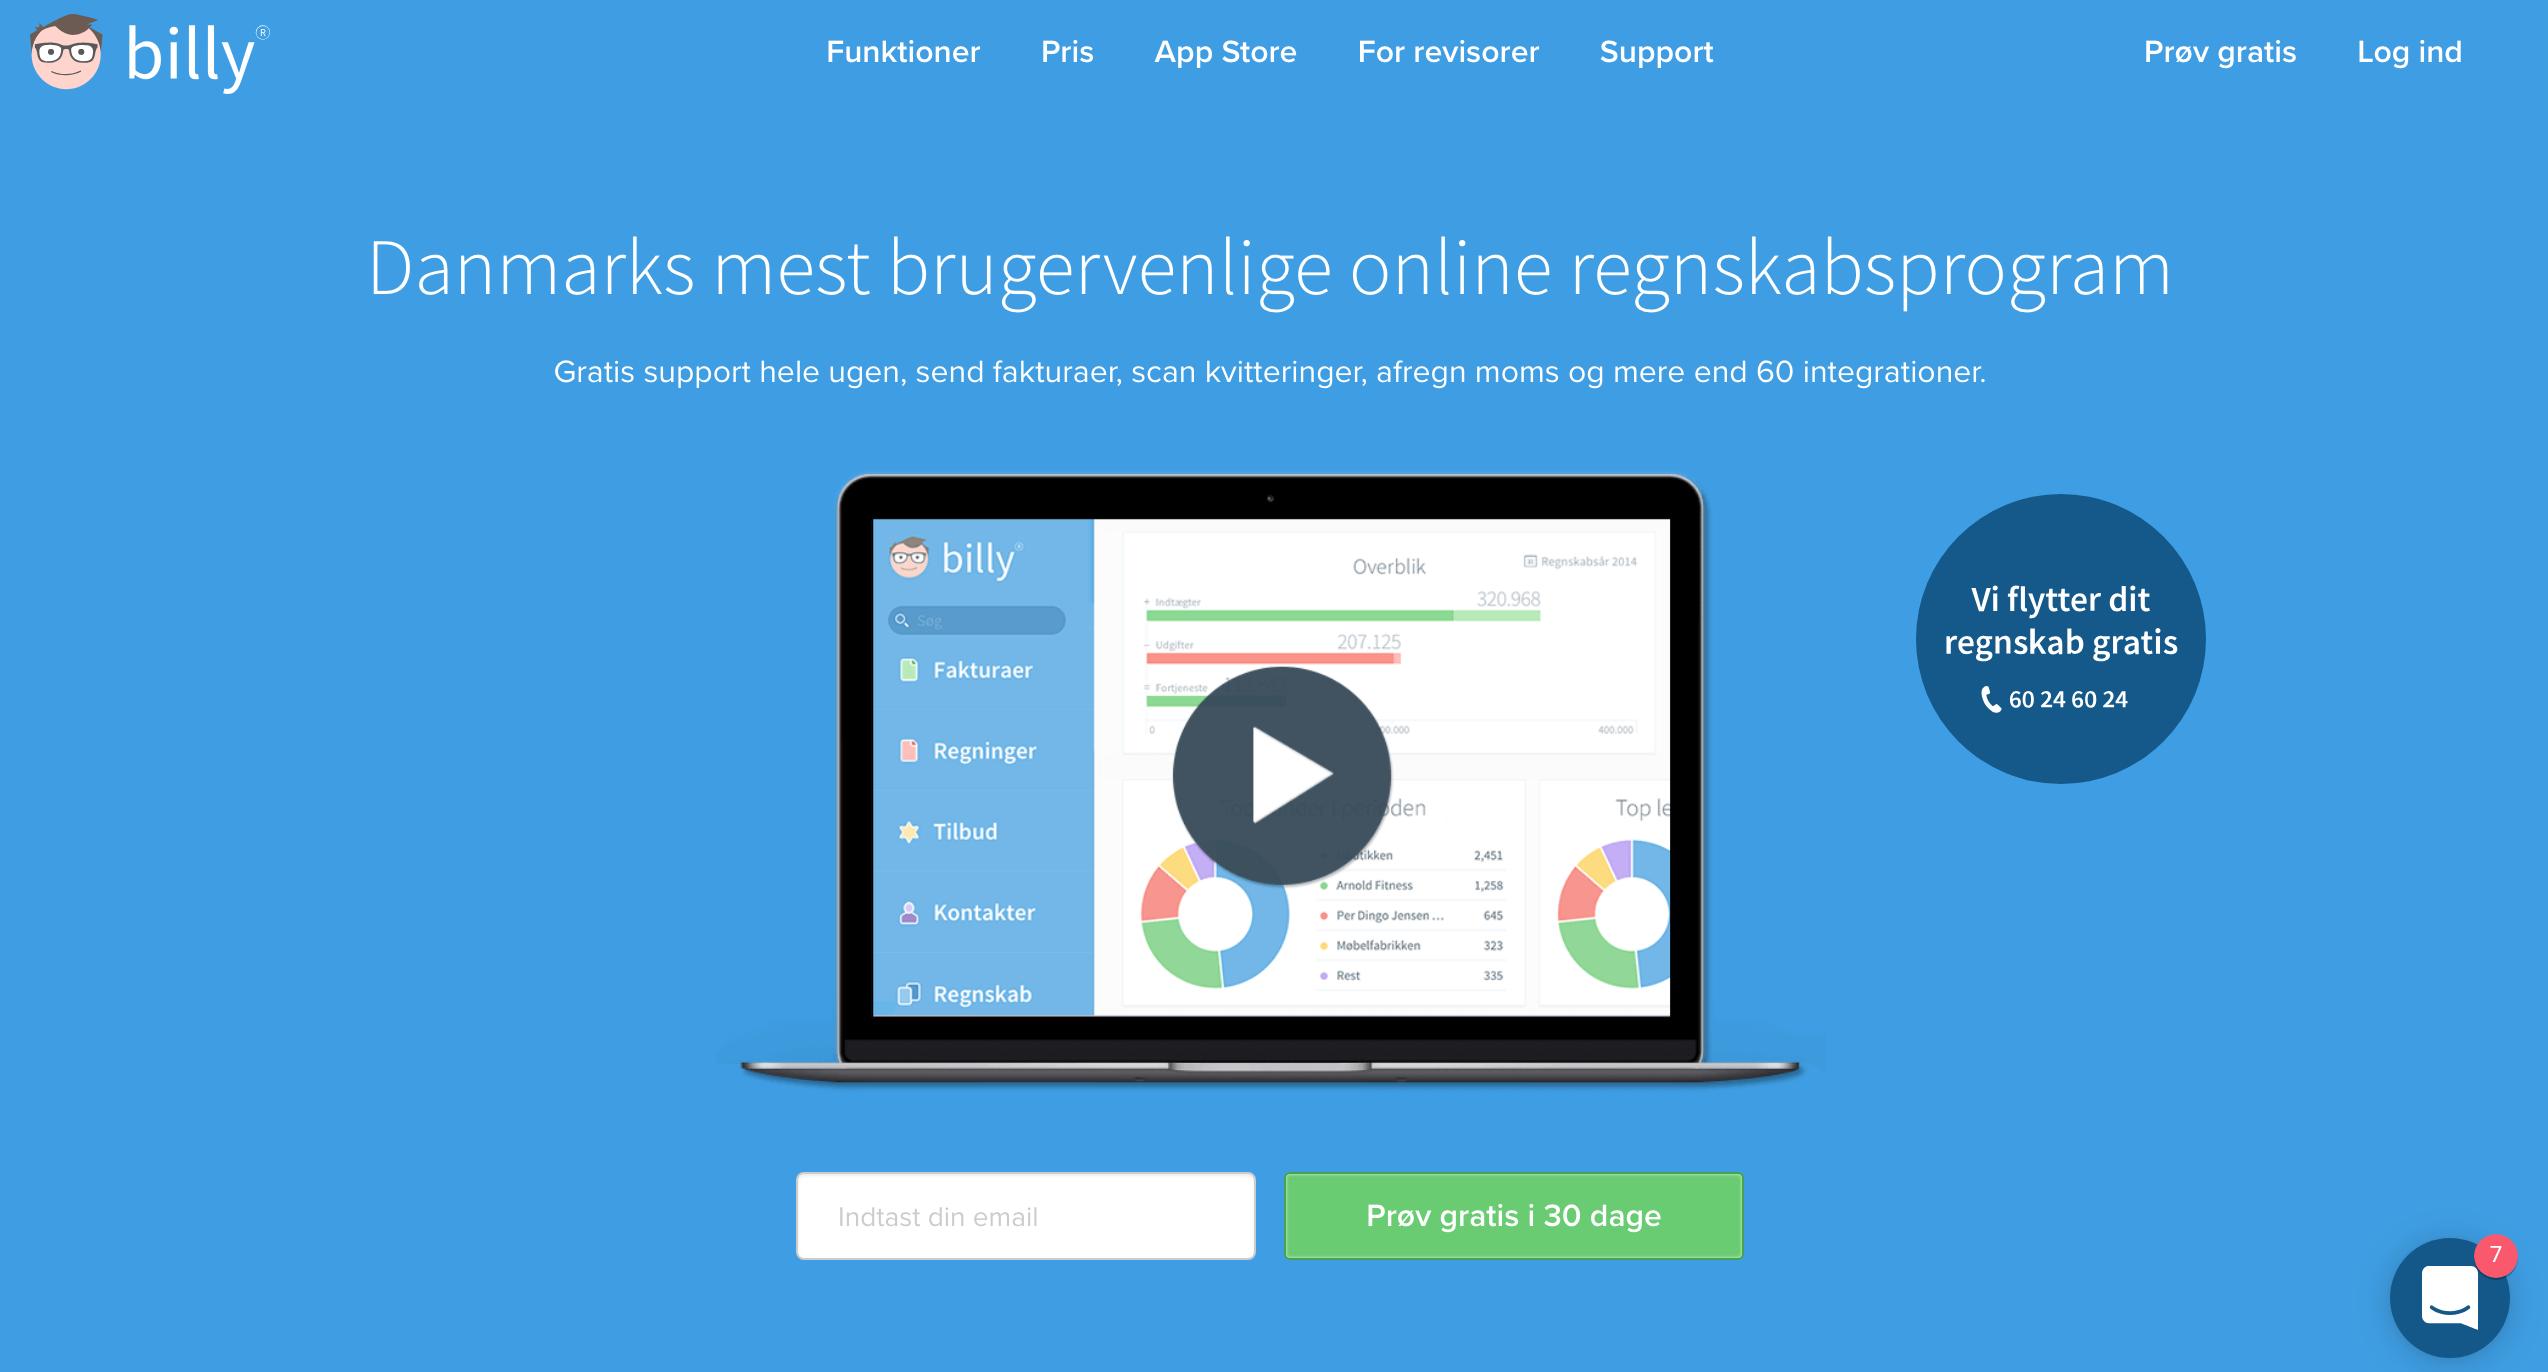 billy.dk-hjemmeside